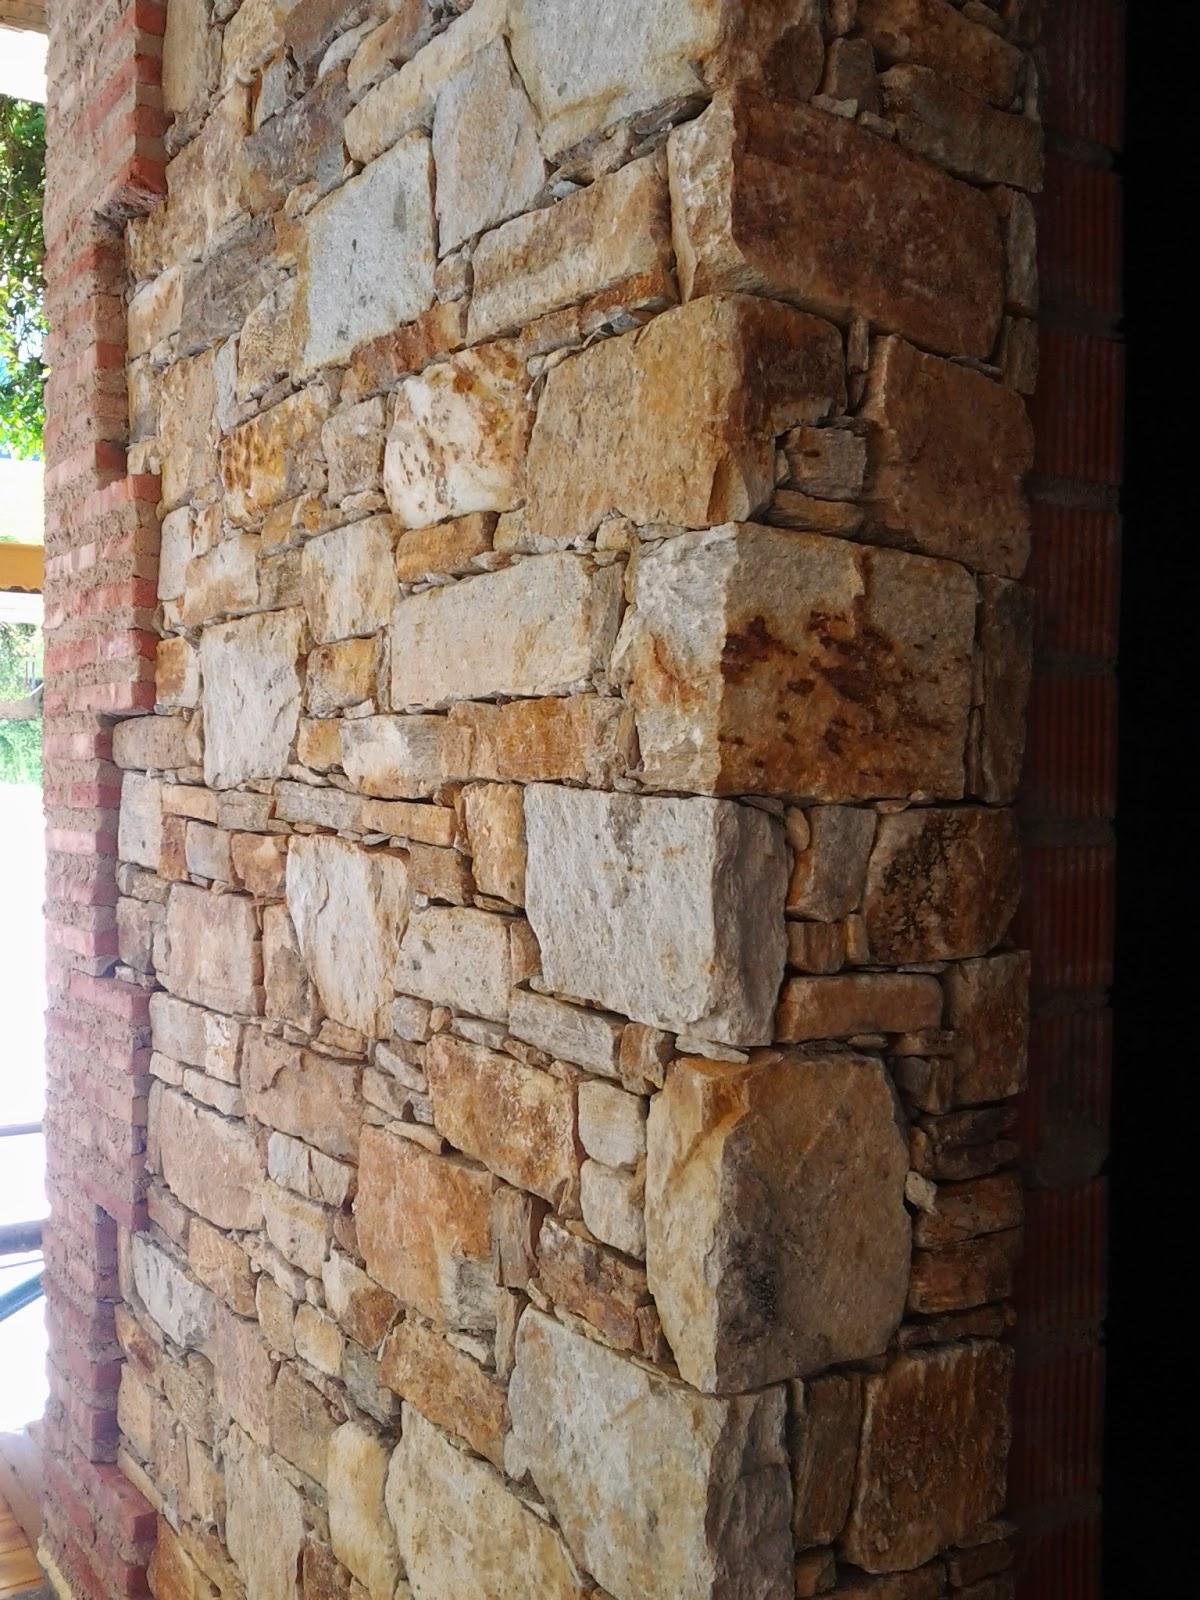 Venta de piedra para fachada materiales de construcci n for Precios de piedra decorativa para interiores